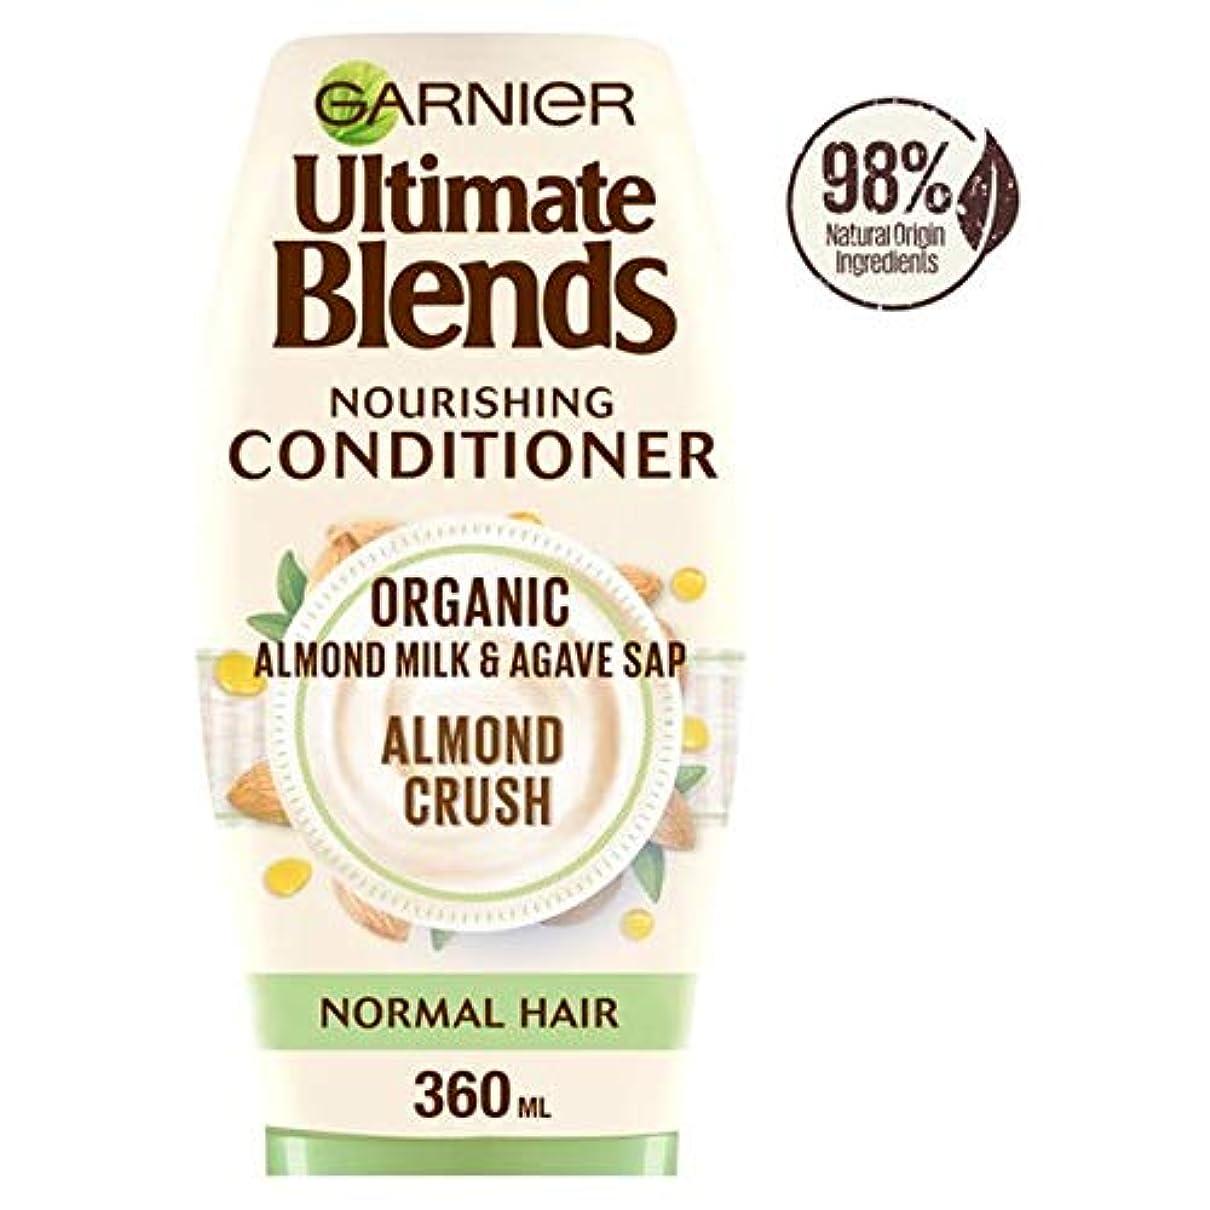 かろうじてひも無視[Ultimate Blends ] ガルニエ究極は、アーモンドミルク、通常のヘアコンディショナー360ミリリットルをブレンド - Garnier Ultimate Blends Almond Milk Normal Hair Conditioner 360Ml [並行輸入品]